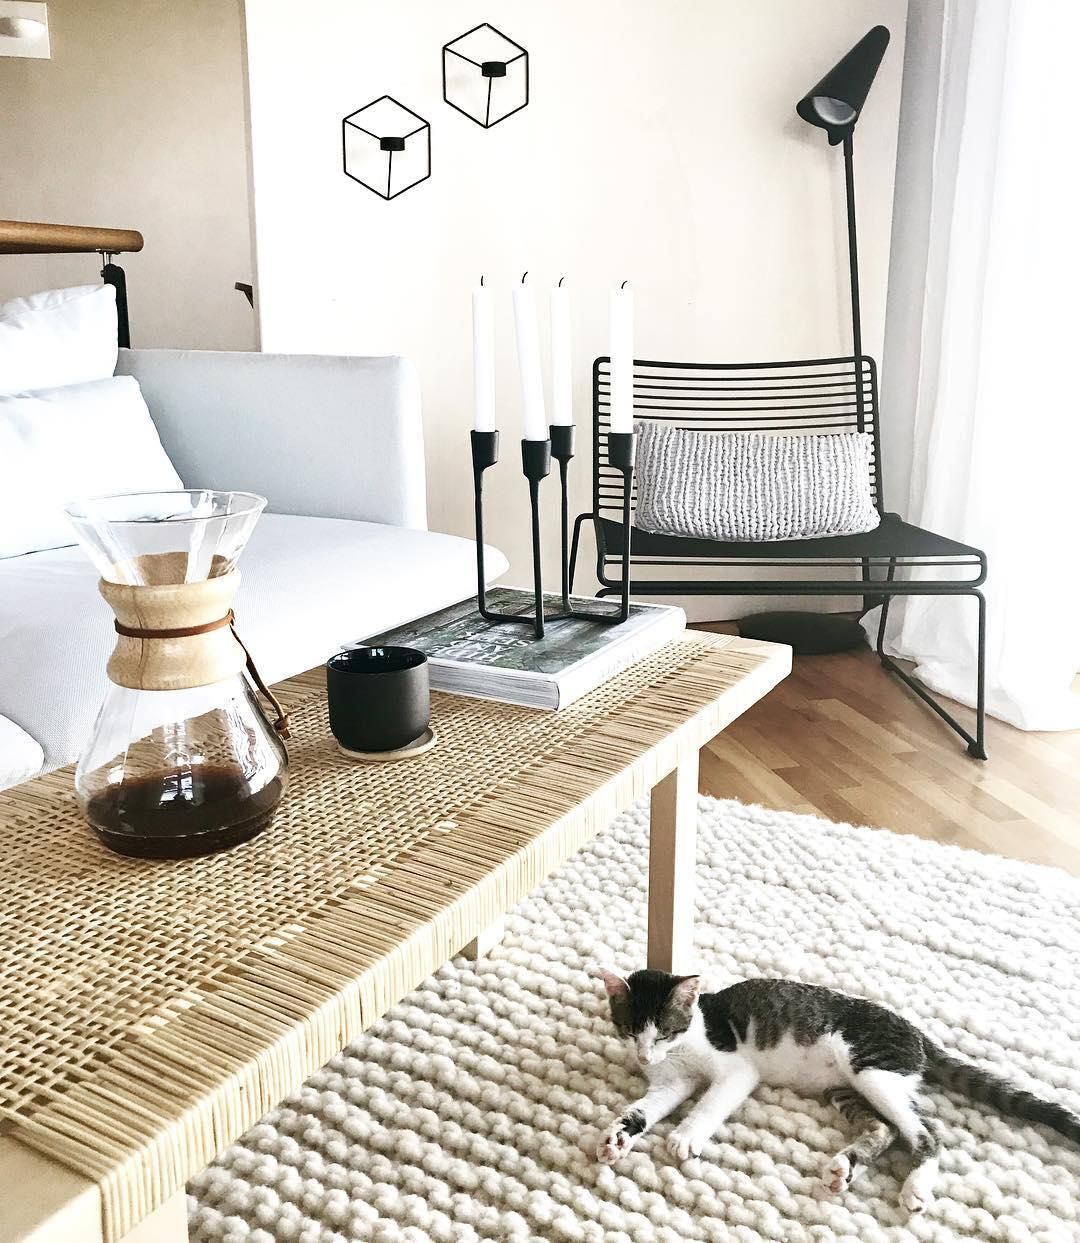 kerzenhalter heima wohnzimmer teppiche rattan und verhindern. Black Bedroom Furniture Sets. Home Design Ideas